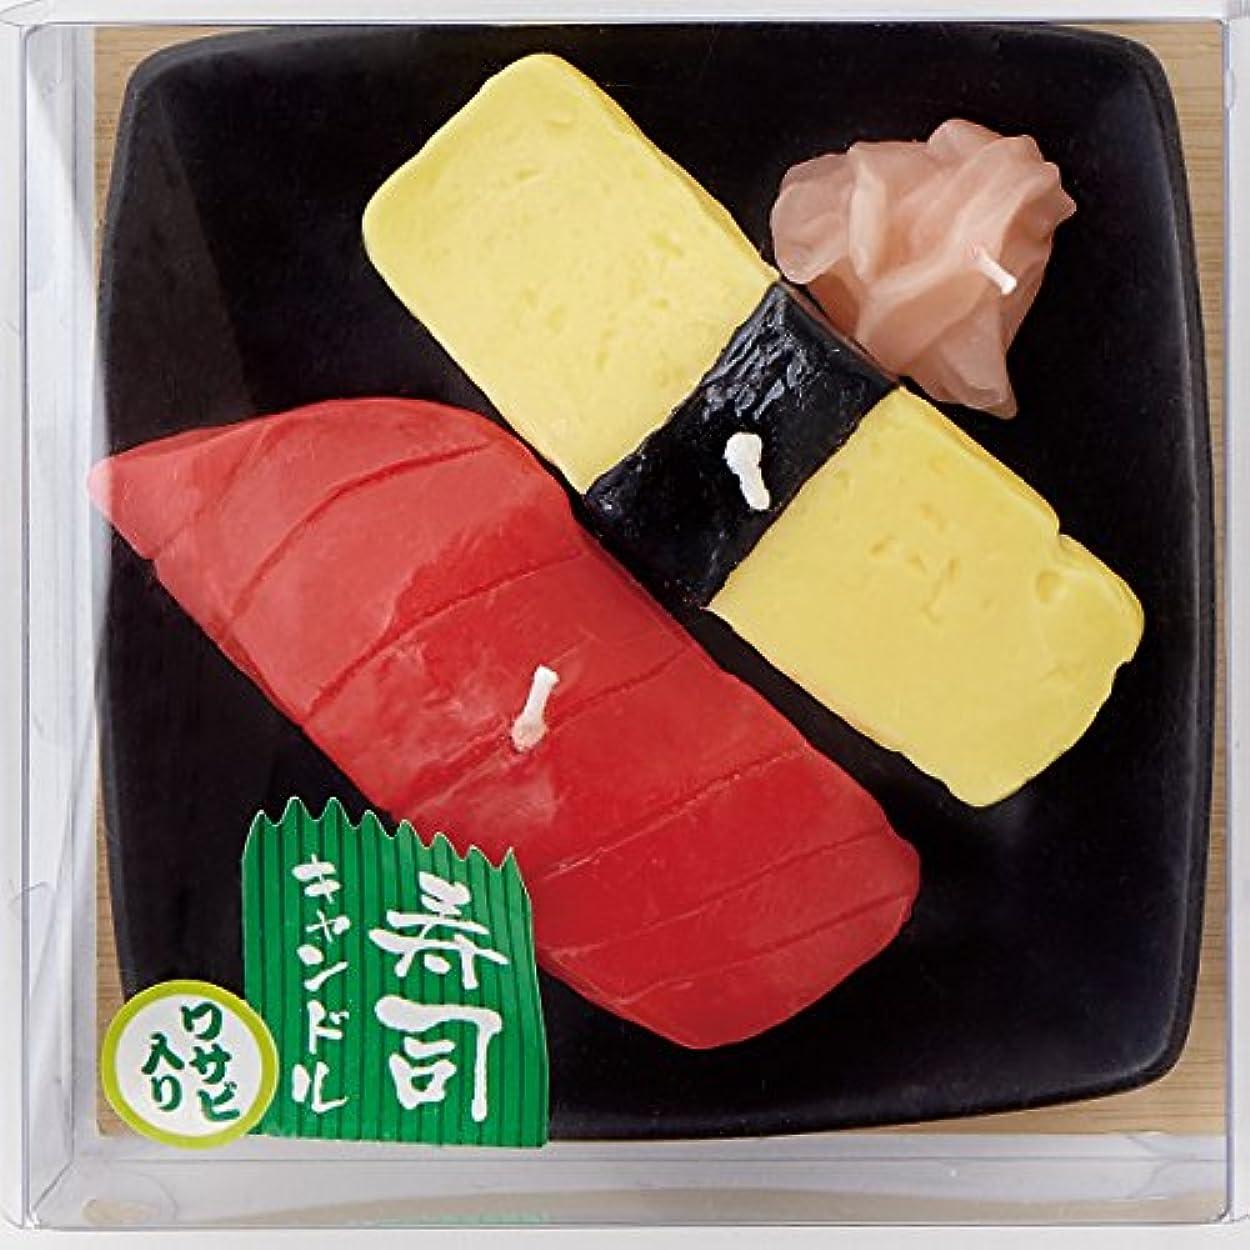 寿司キャンドル A(マグロ?玉子) サビ入